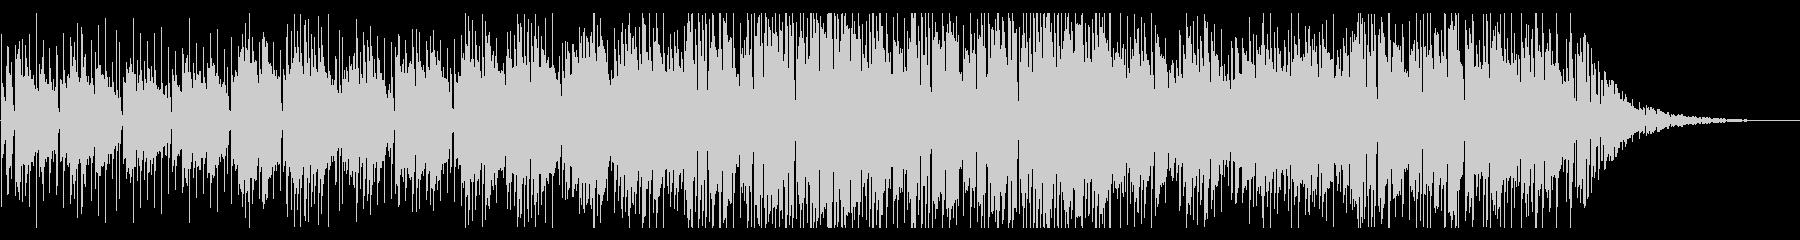 アコギが旋律のゆったりしたスムースジャズの未再生の波形